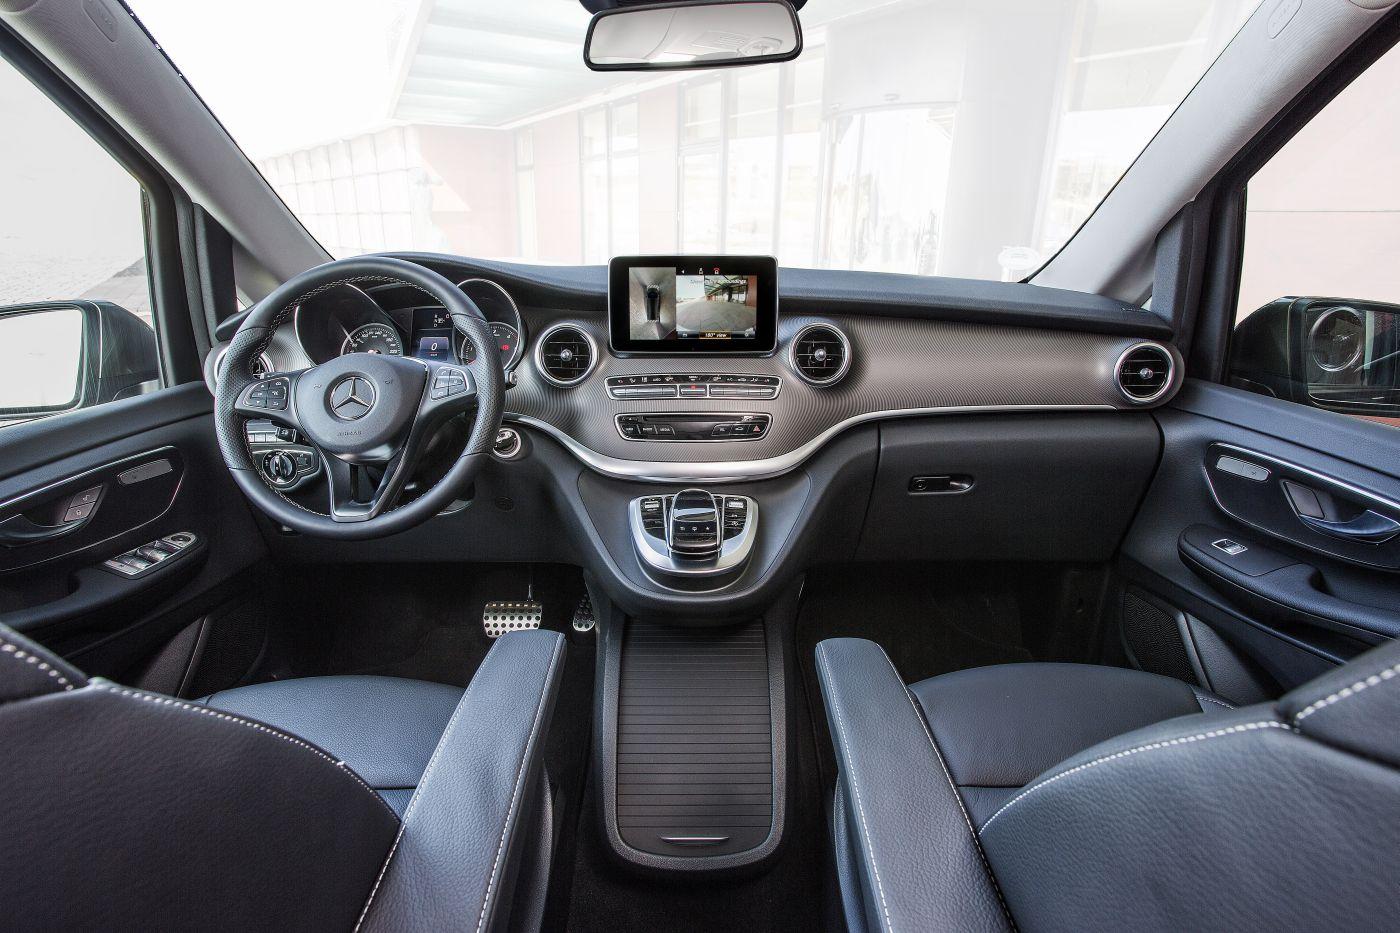 neue mercedes v klasse testbericht gro raumlimousine oder transporter autogef hl. Black Bedroom Furniture Sets. Home Design Ideas